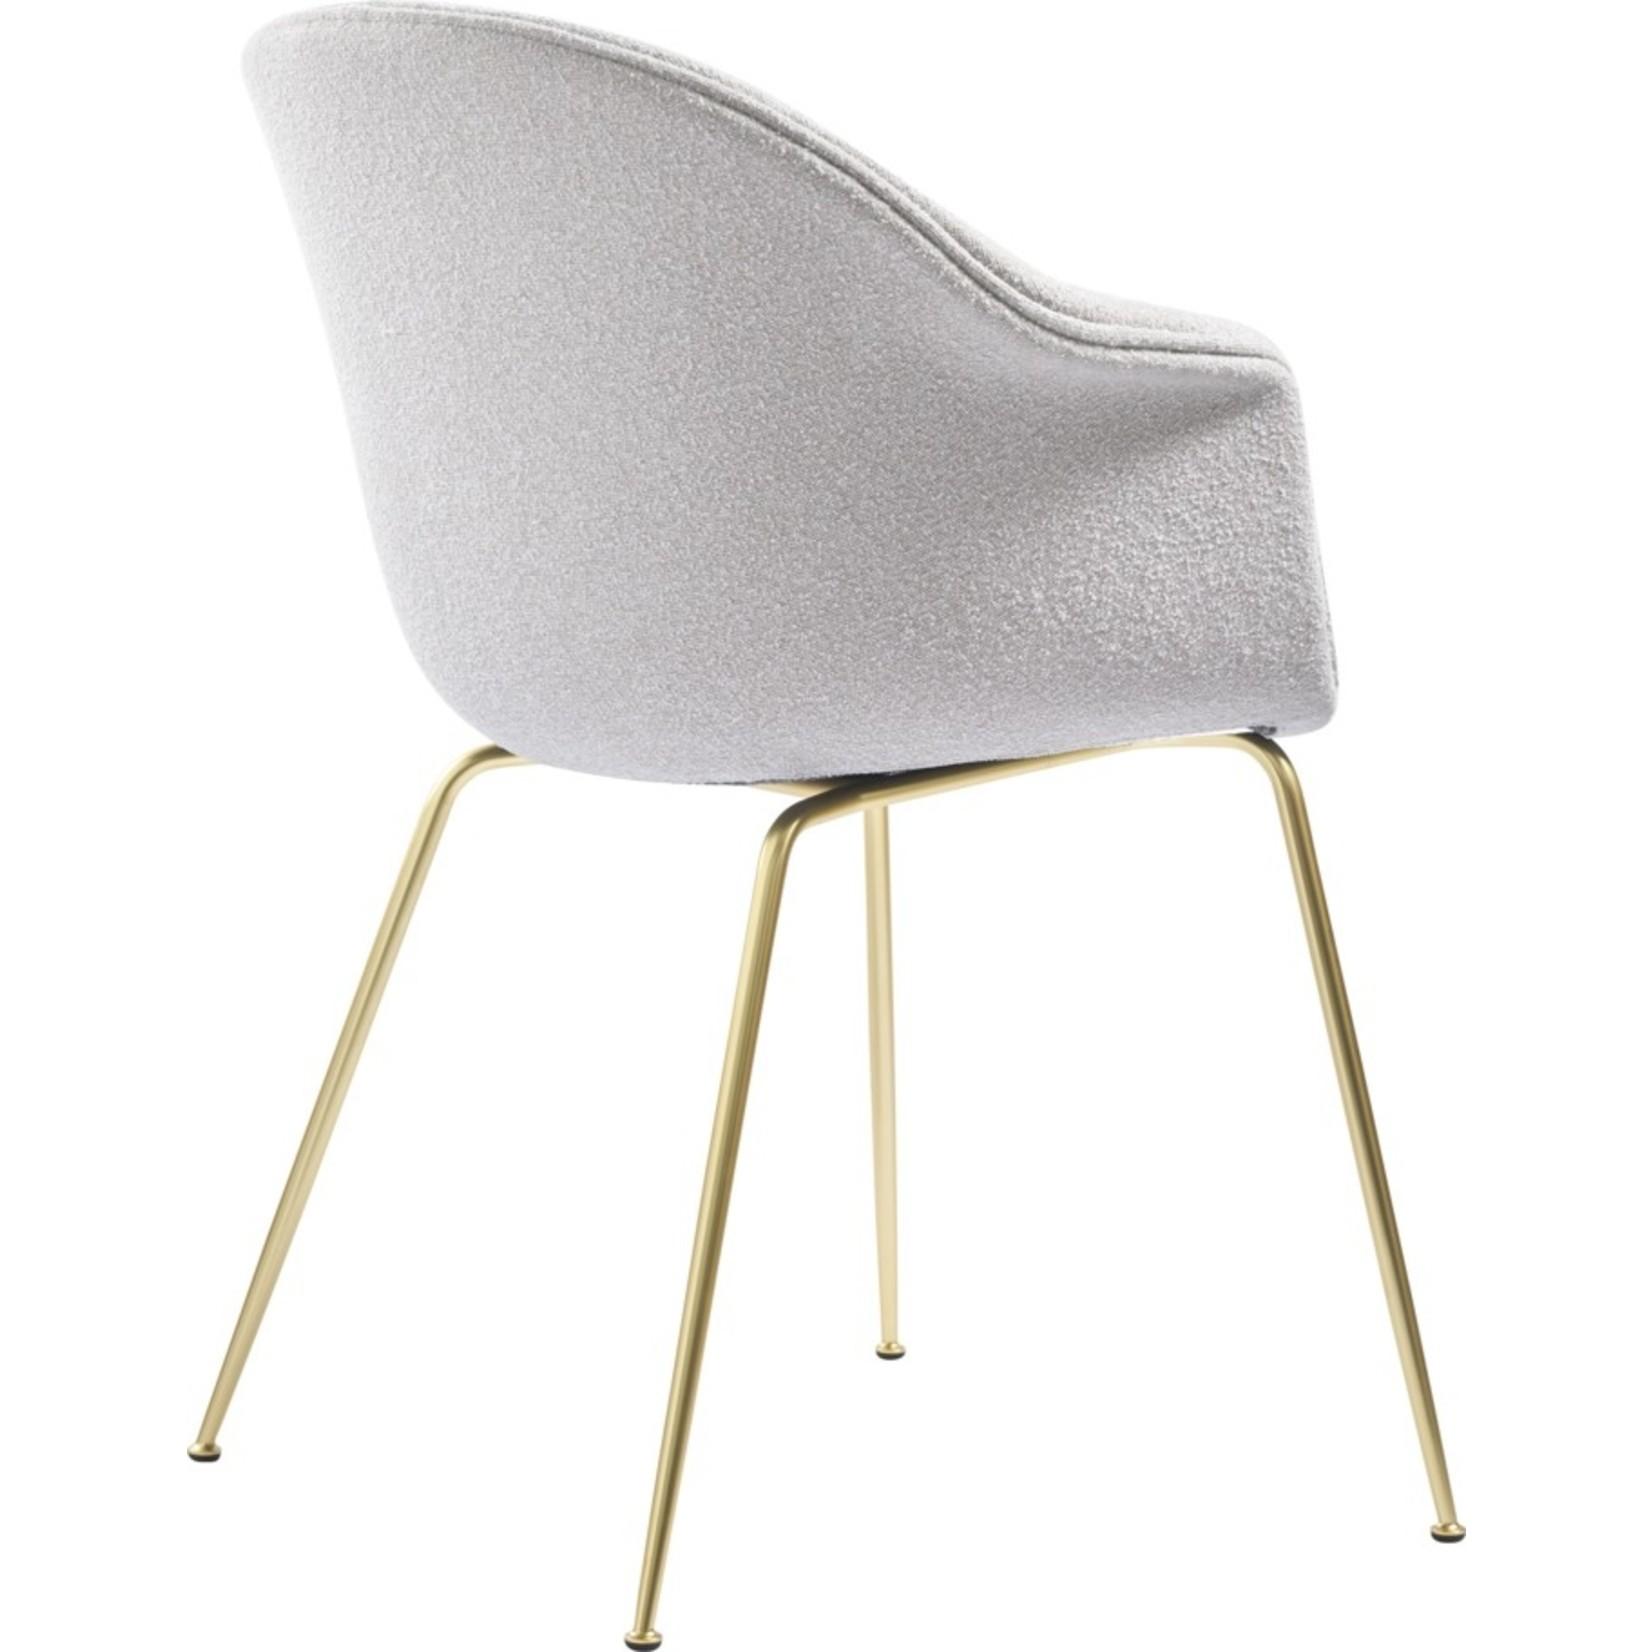 Gubi Chaise de salle à manger de chauve-souris | Light Bouclé 001 & Base Laiton Semi Mat